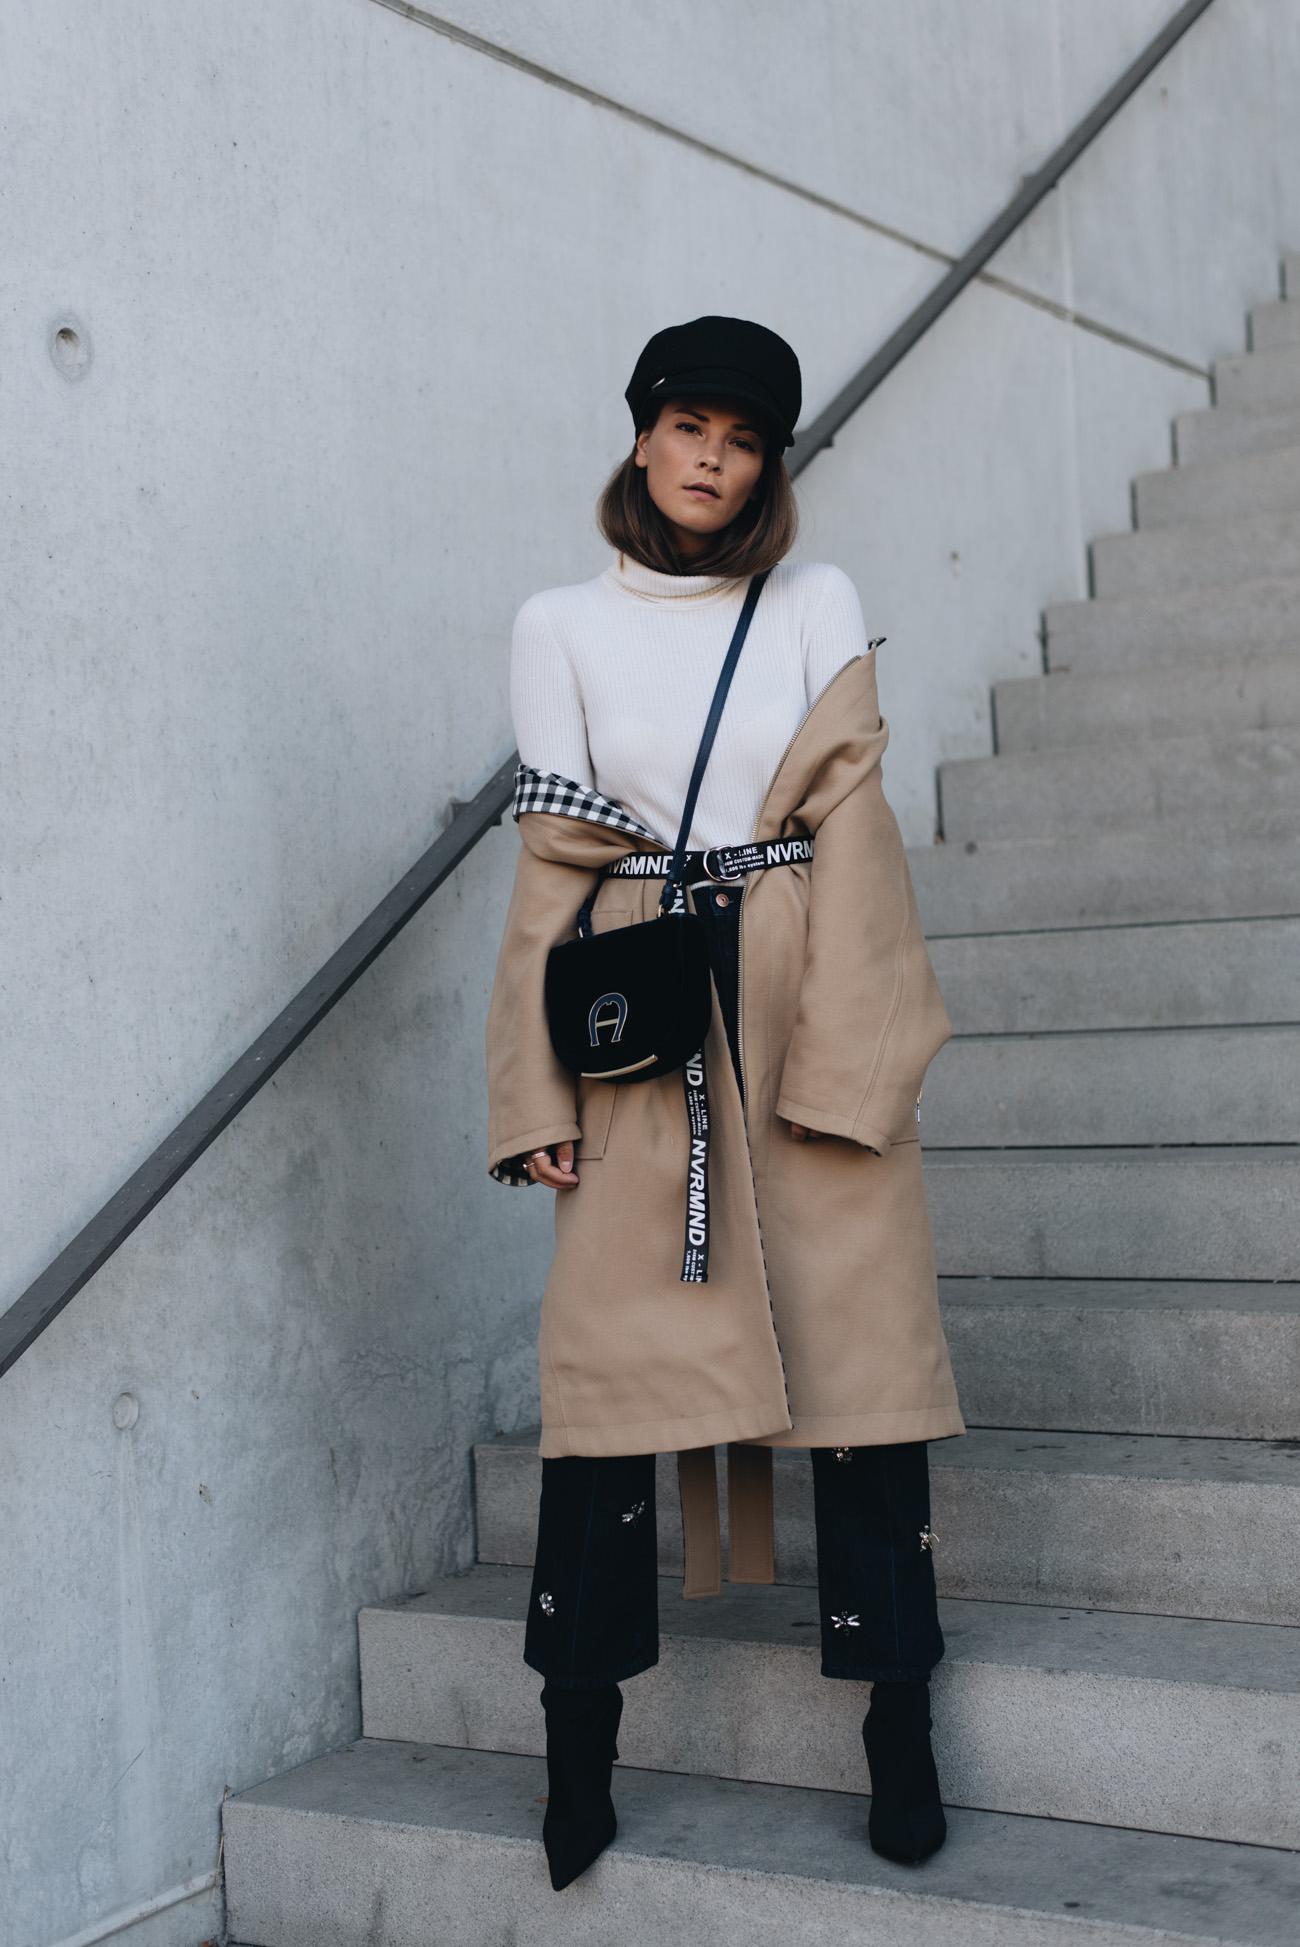 nina-schwichtenberg-sock-boots-mango-schwarz-fashion-bloggerin-deutschland-münchen-fashiioncarpet.jpg